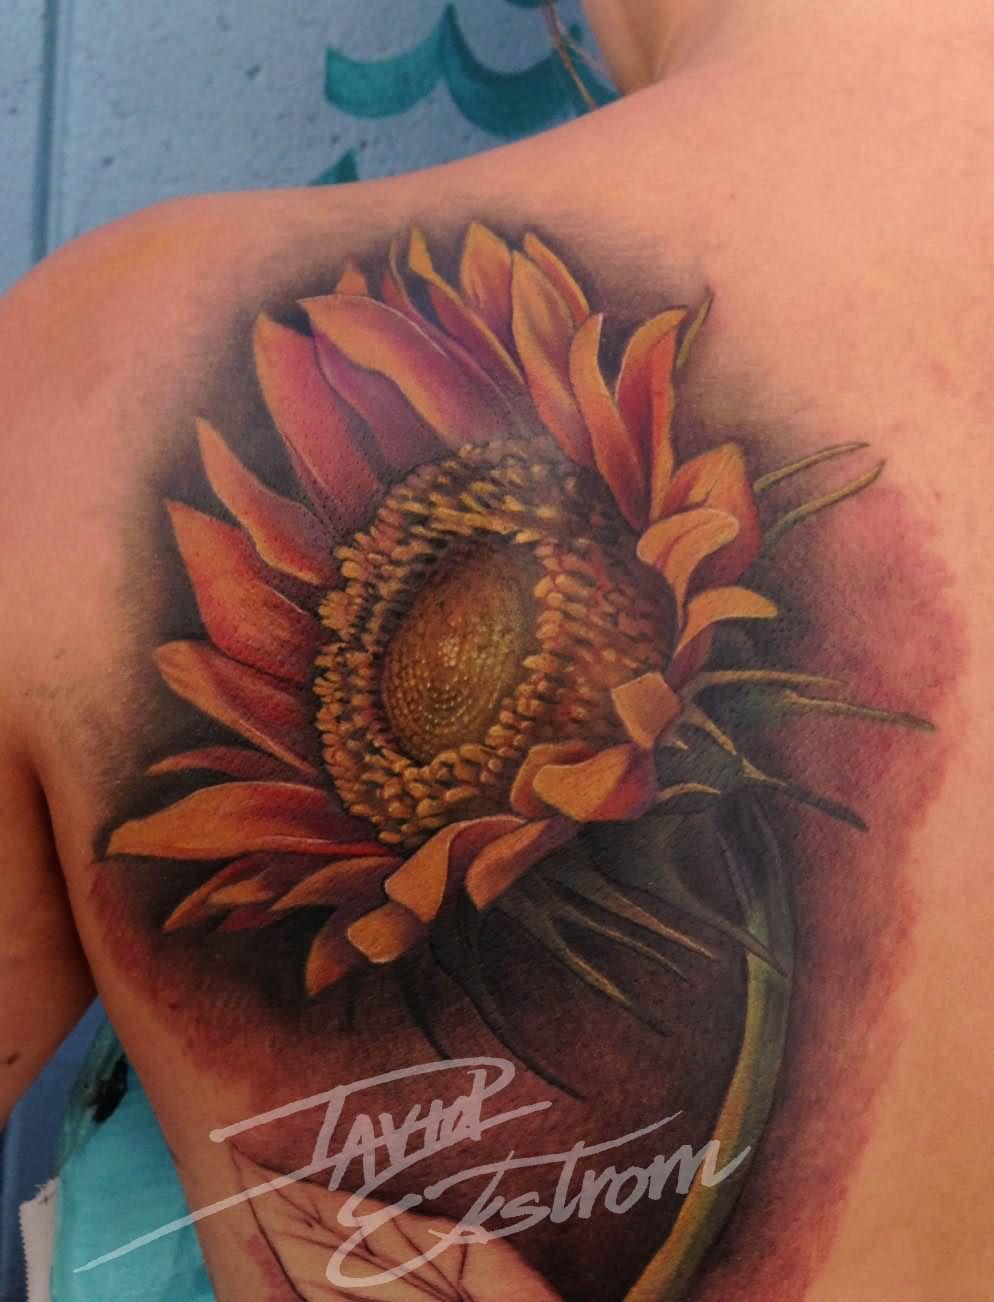 Left Back Shoulder Large Sunflower TattooRealistic Sunflower Tattoo On Shoulder